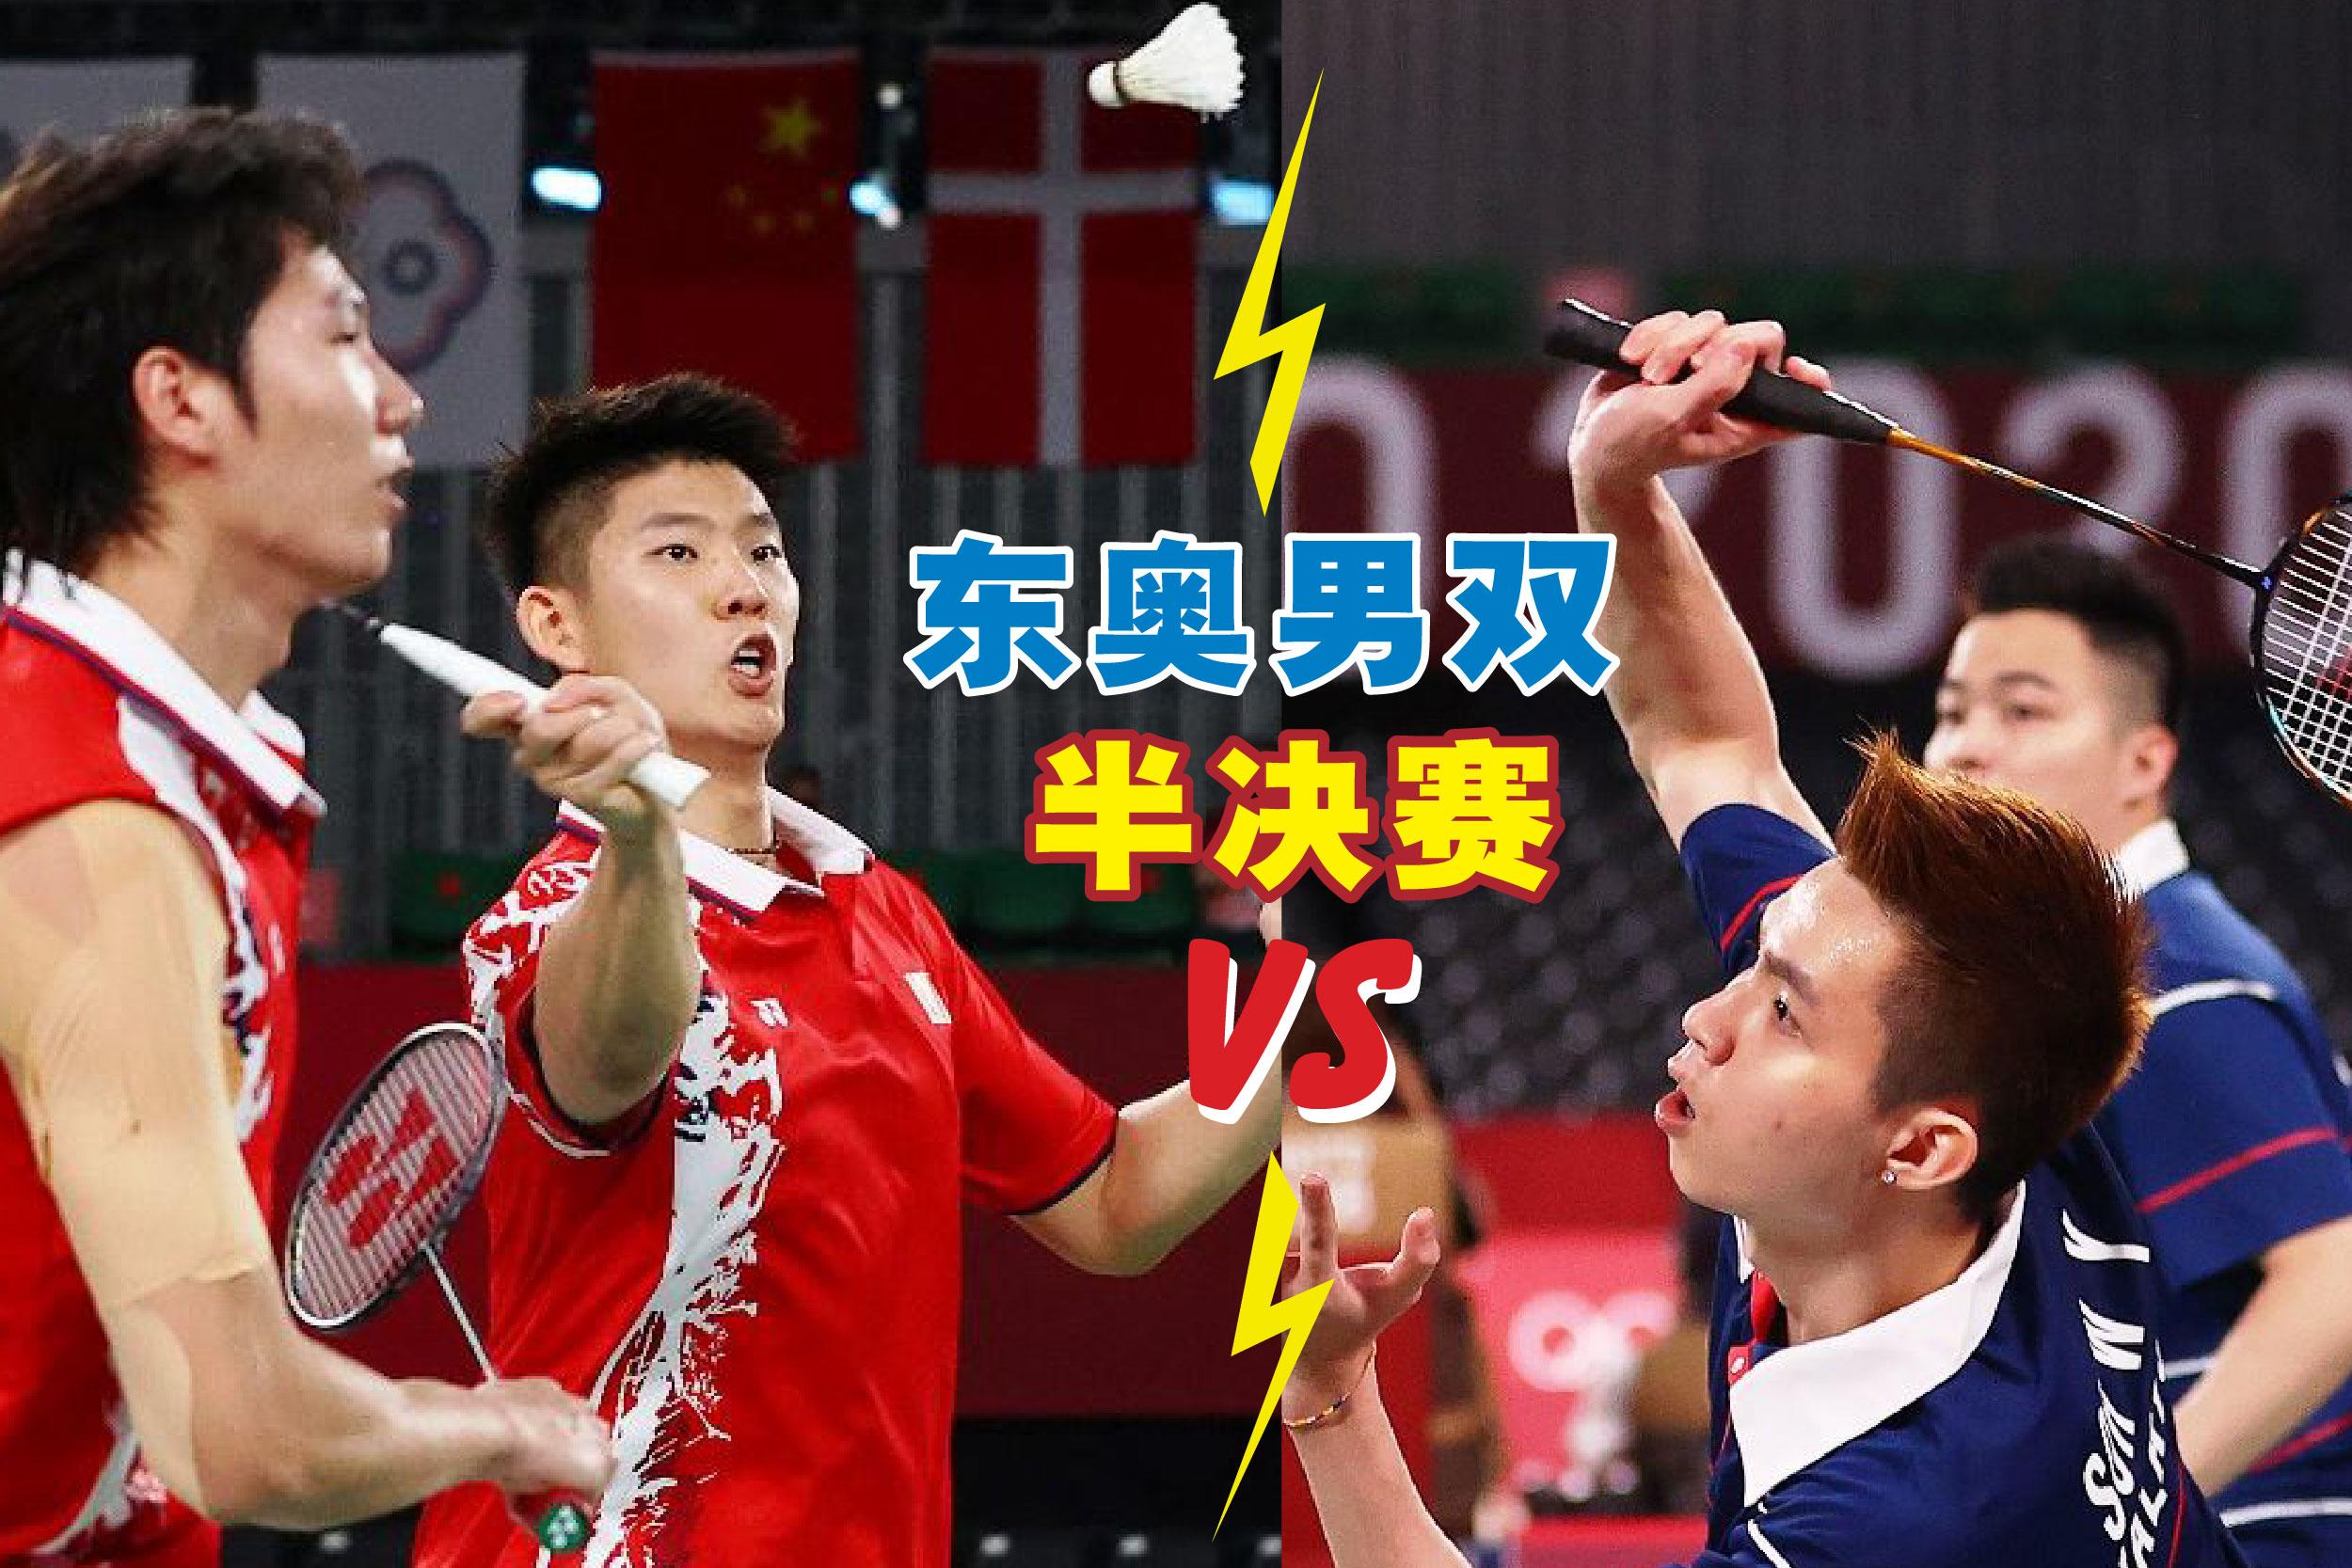 谢定峰/苏伟译(右图)在半决赛将于中国2018年世锦赛冠军李俊慧/刘雨辰(左图),争夺东奥决赛资格。-路透社/精彩大马制图-